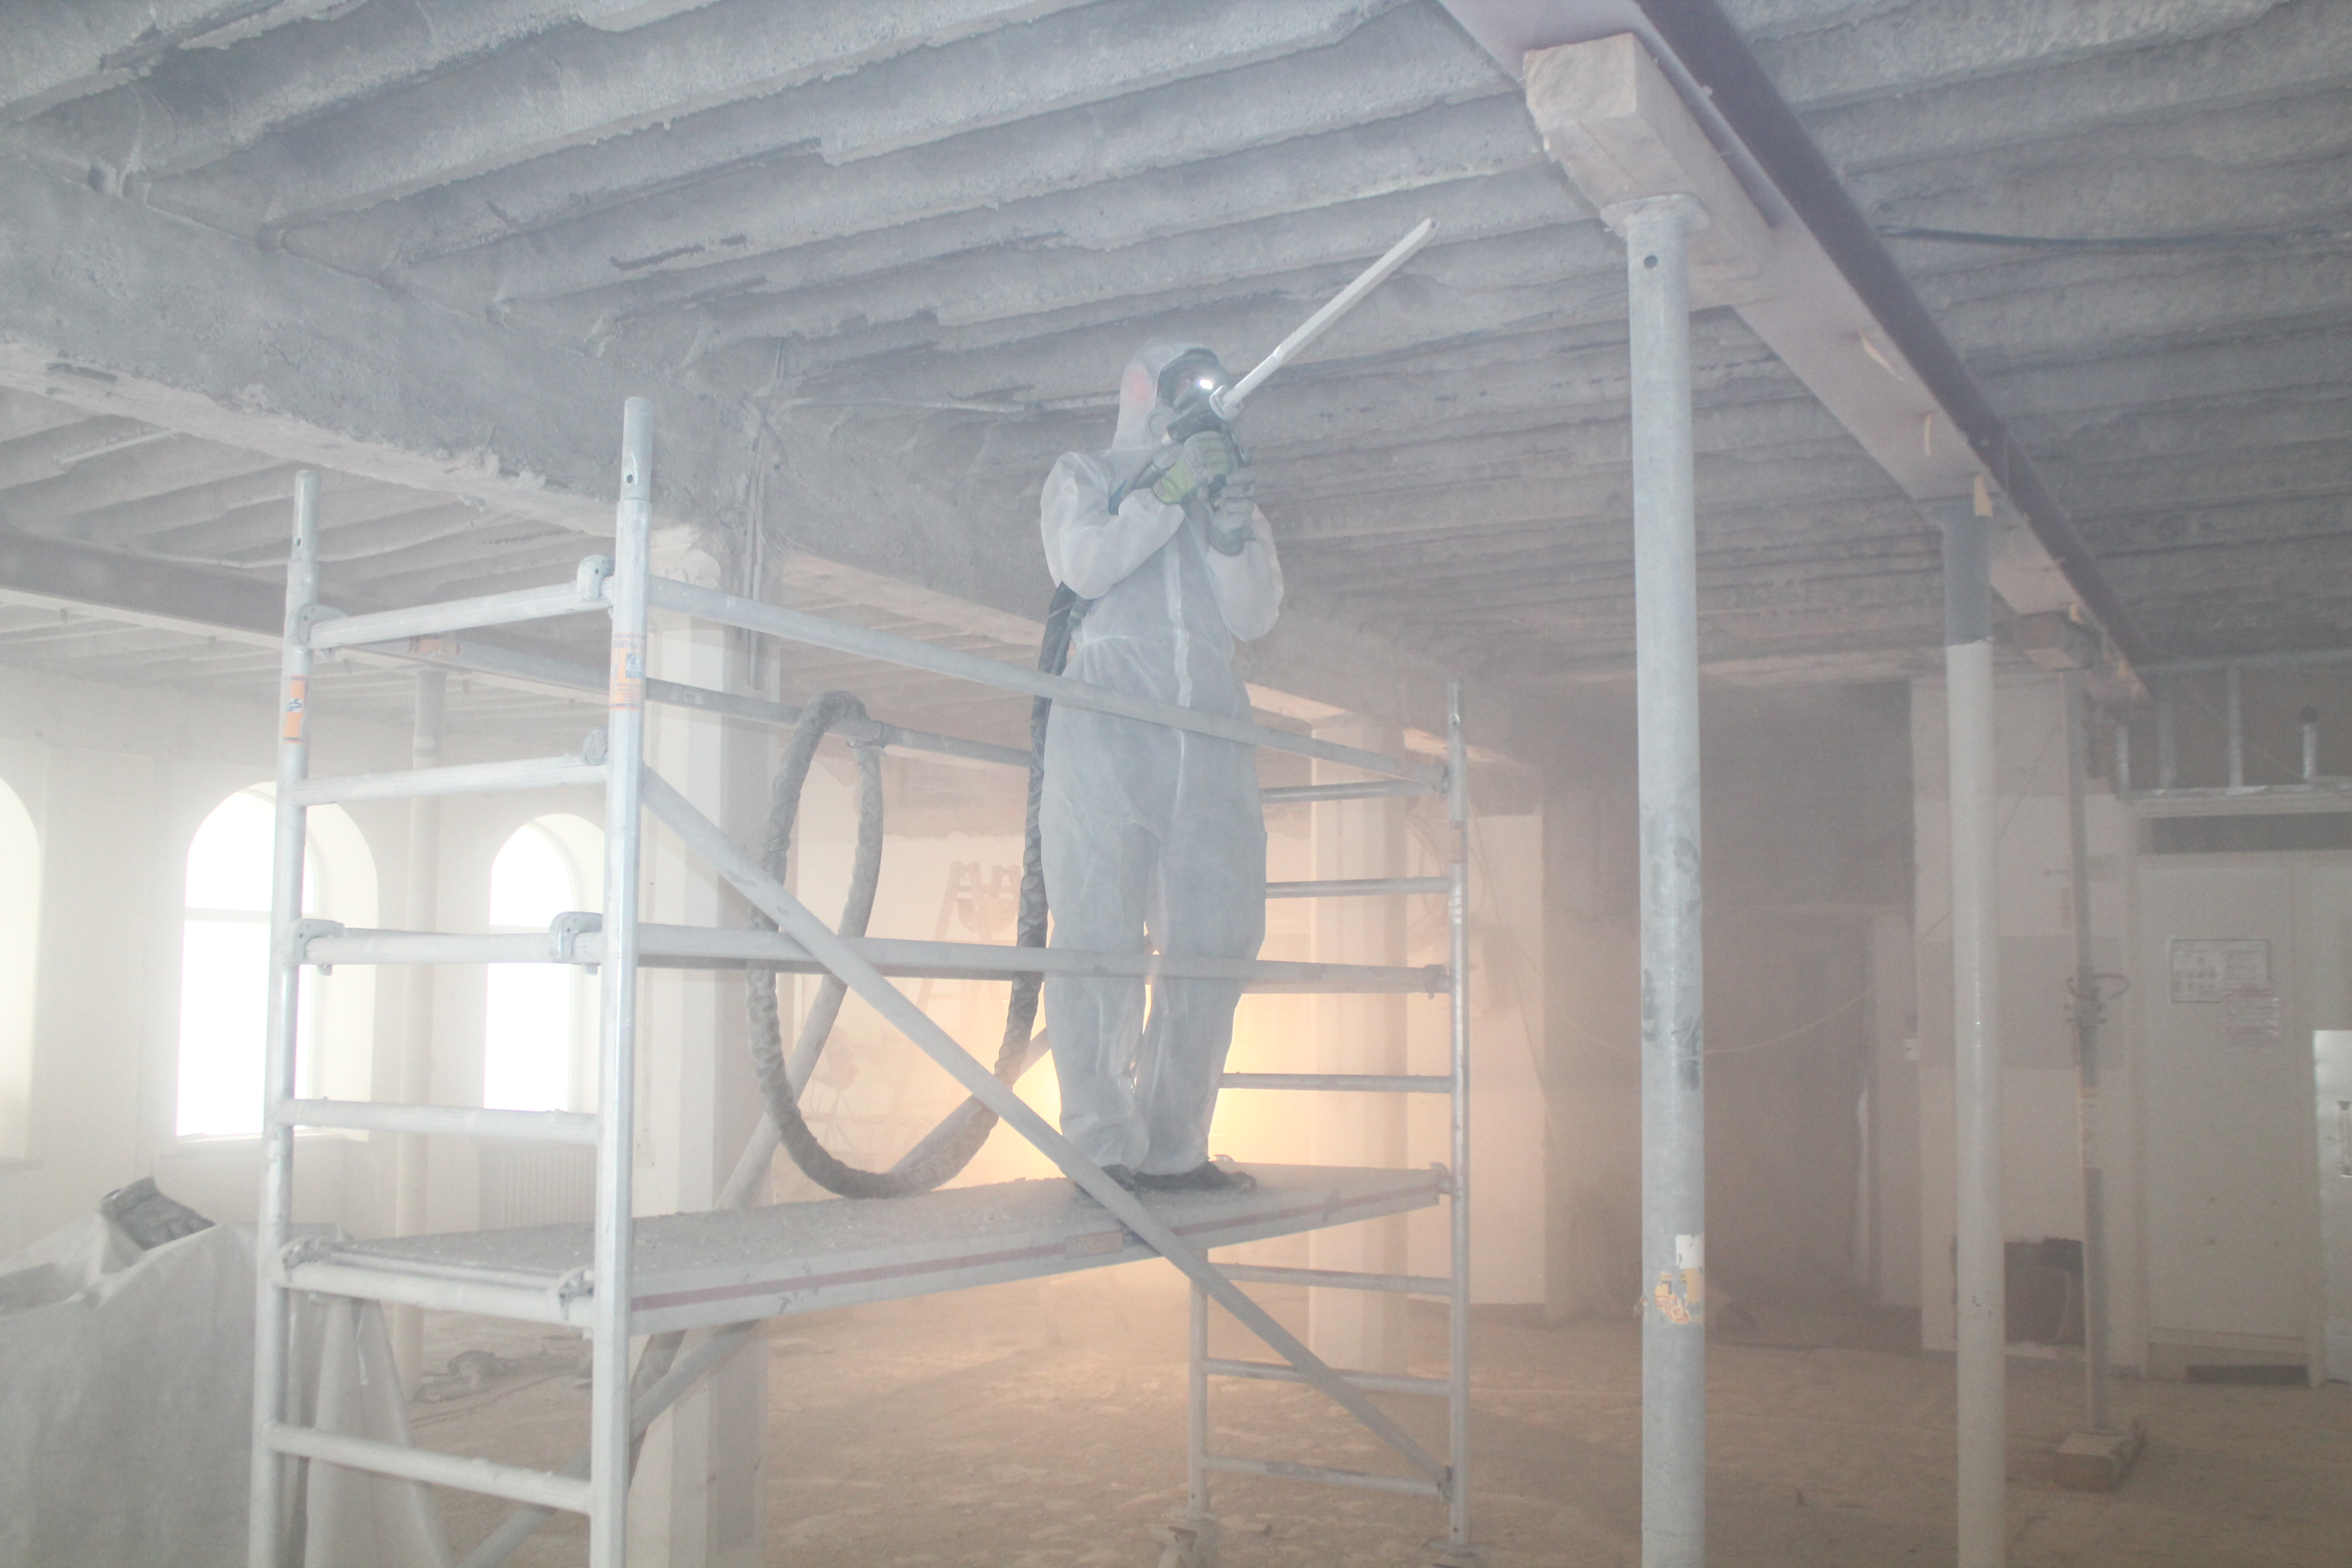 Ein Strahltechniker bei der Arbeit.